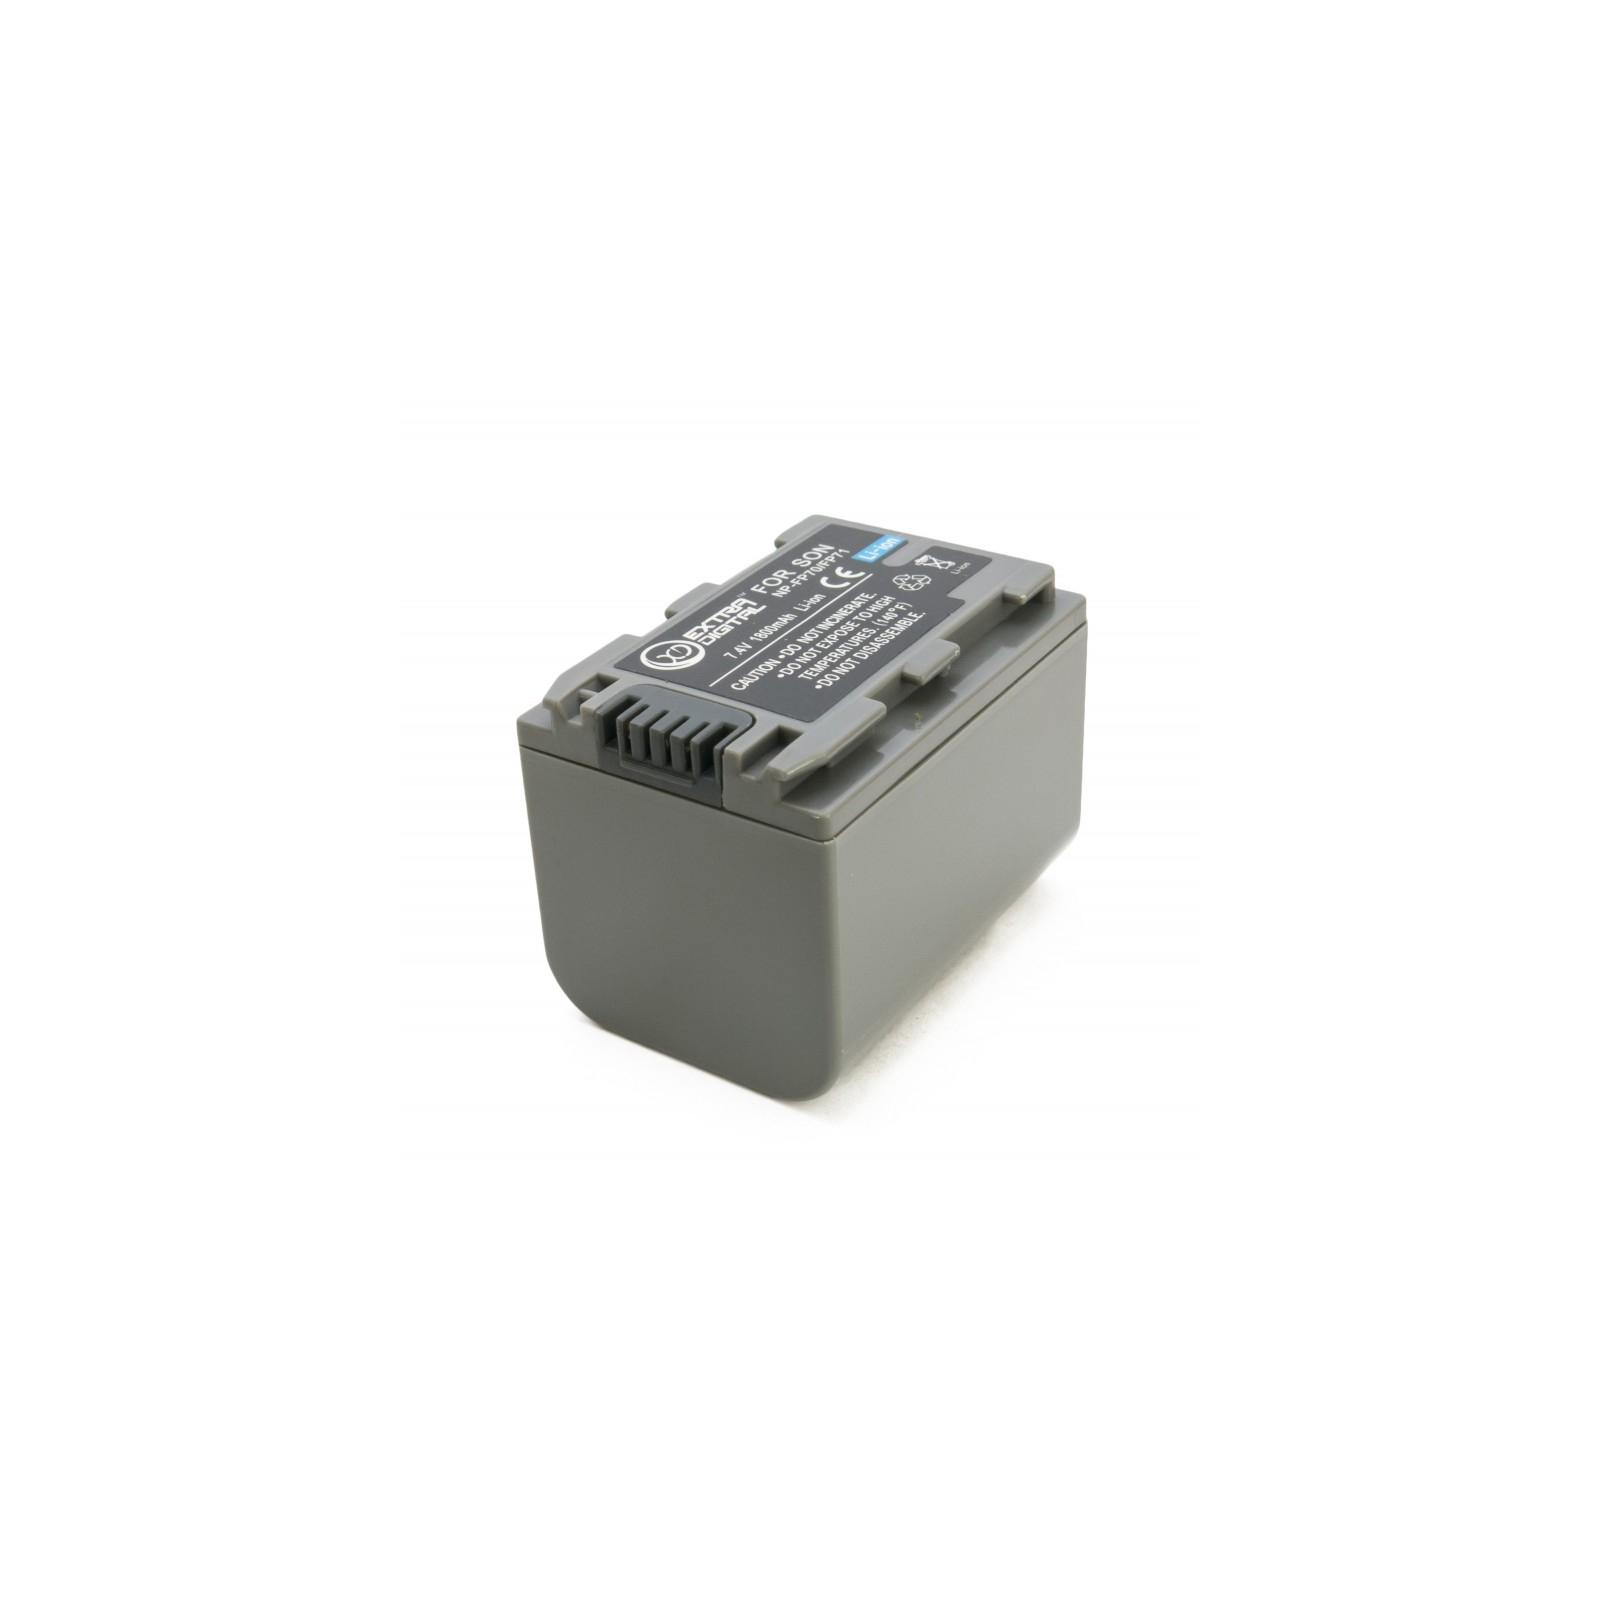 Аккумулятор к фото/видео EXTRADIGITAL Sony NP-FP70 (BDS2668) изображение 4